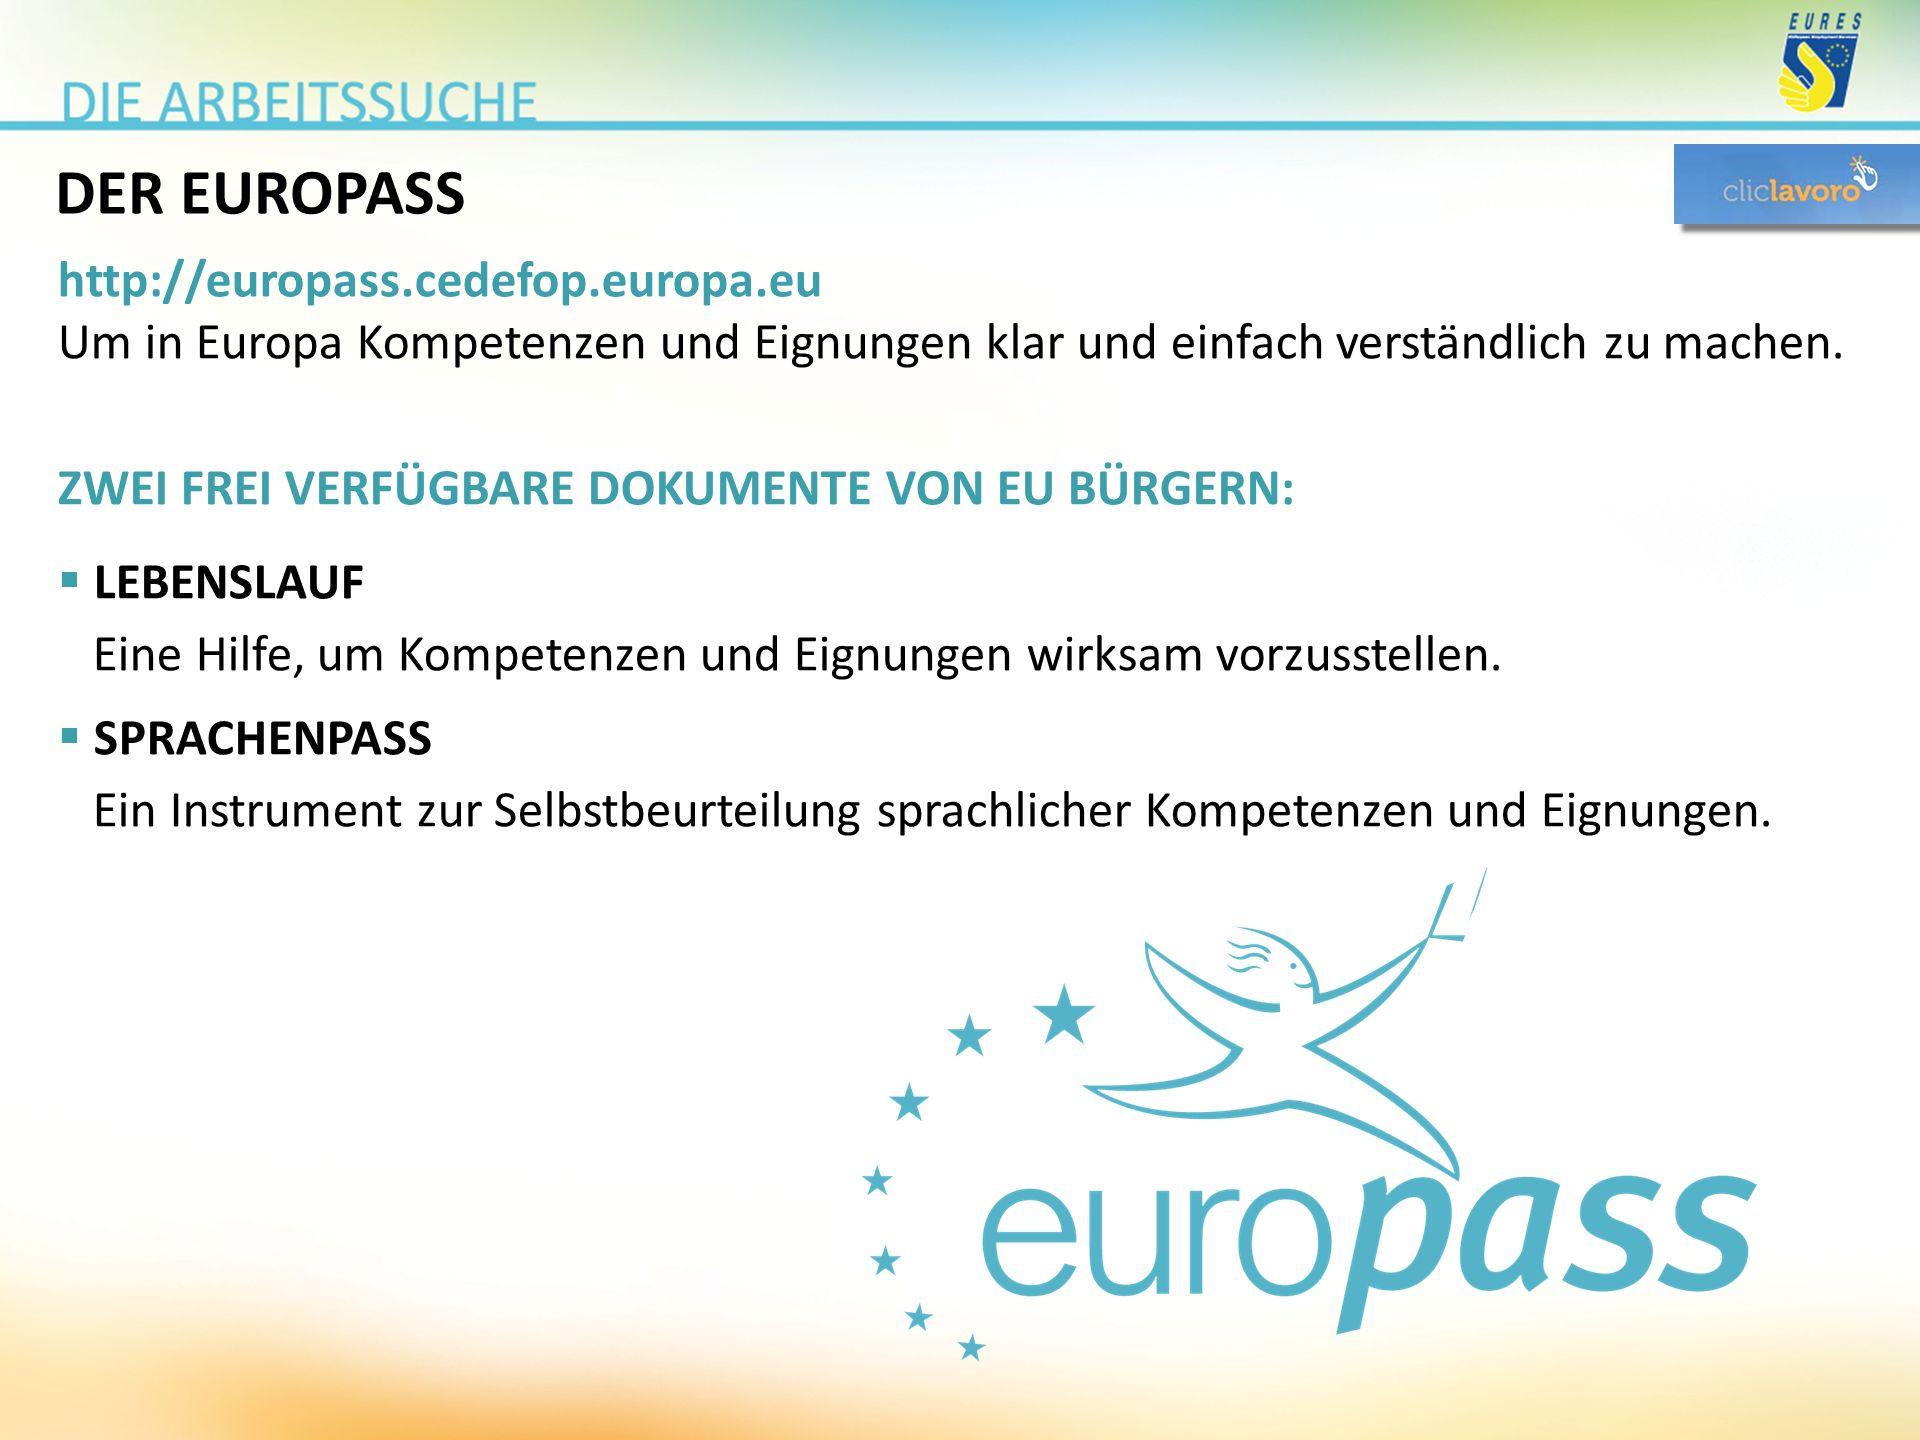 DER EUROPASS http://europass.cedefop.europa.eu